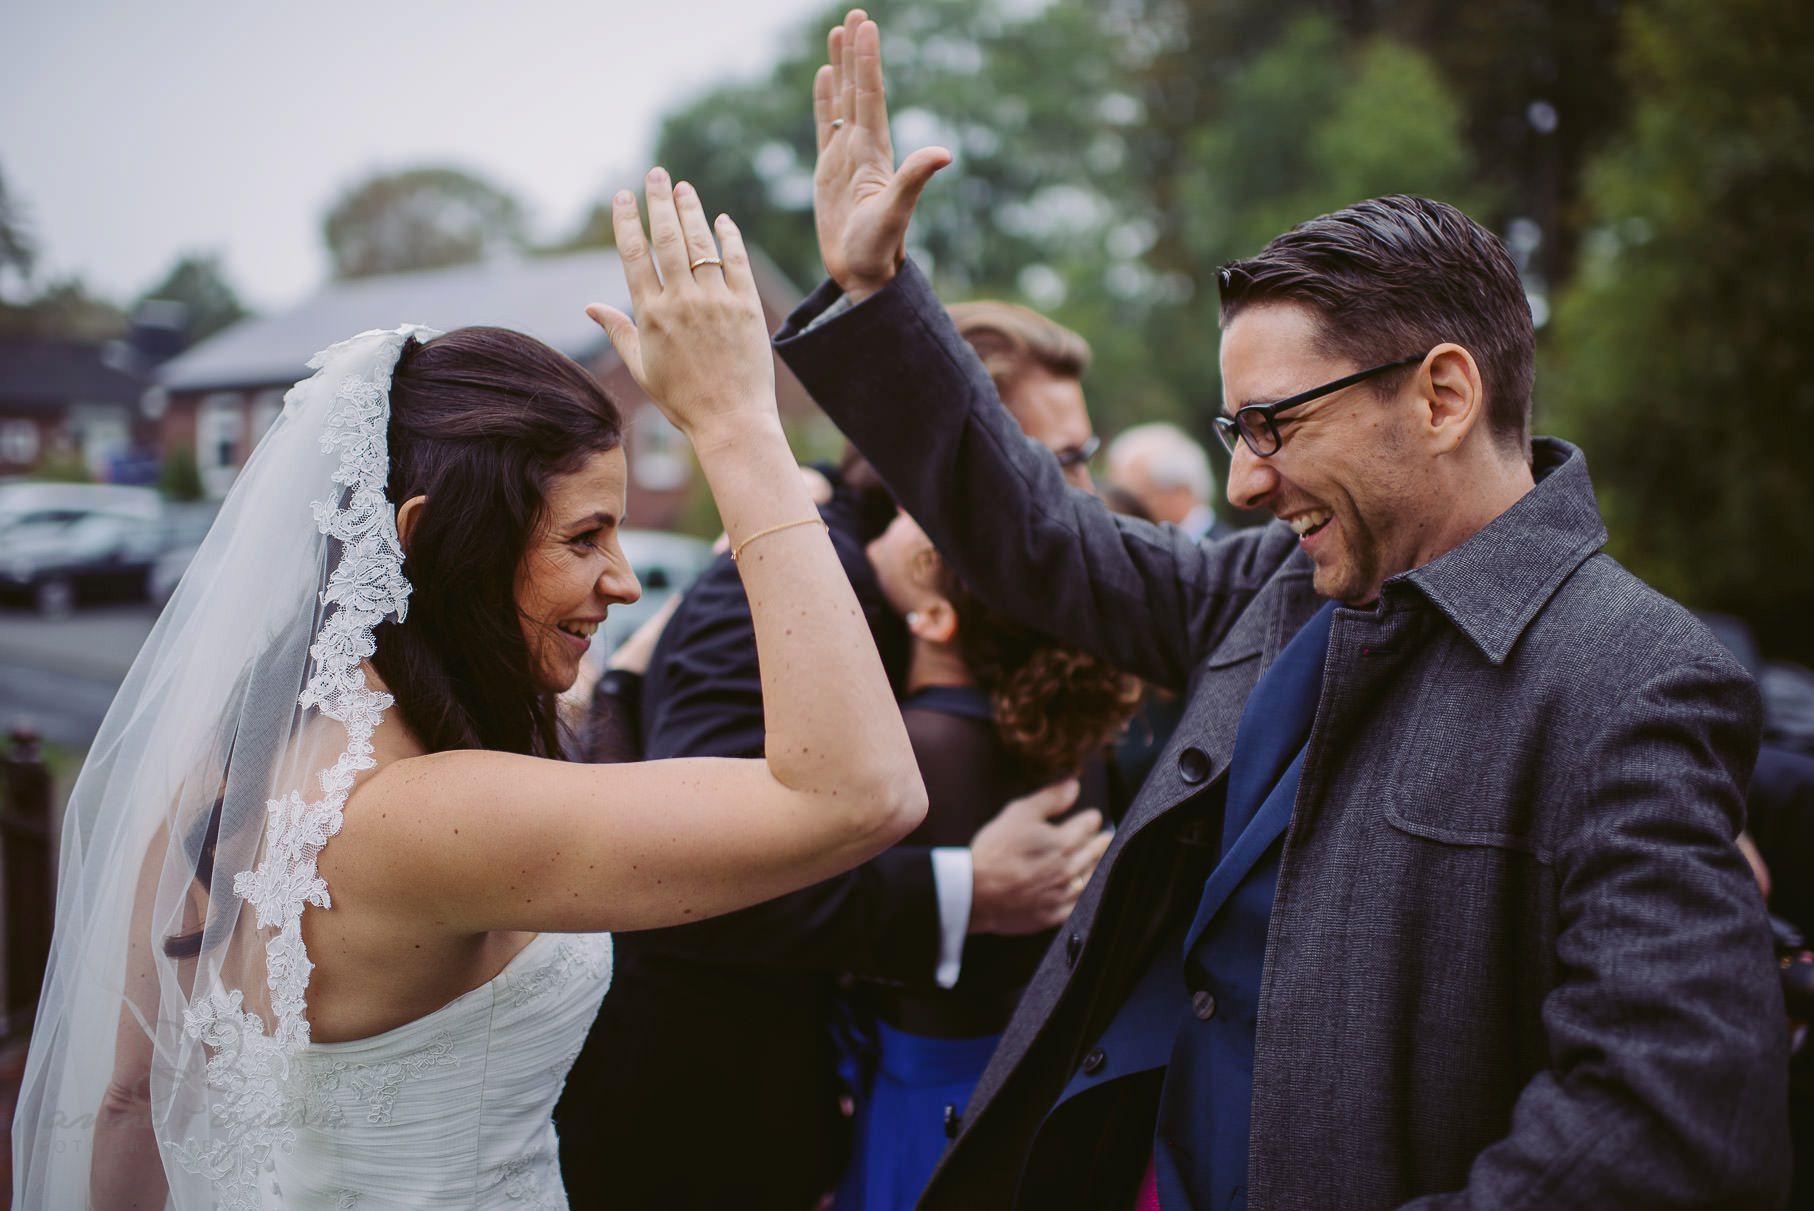 0074 aub 812 9628 - Hochzeit auf Gut Thansen - Anja & Björn